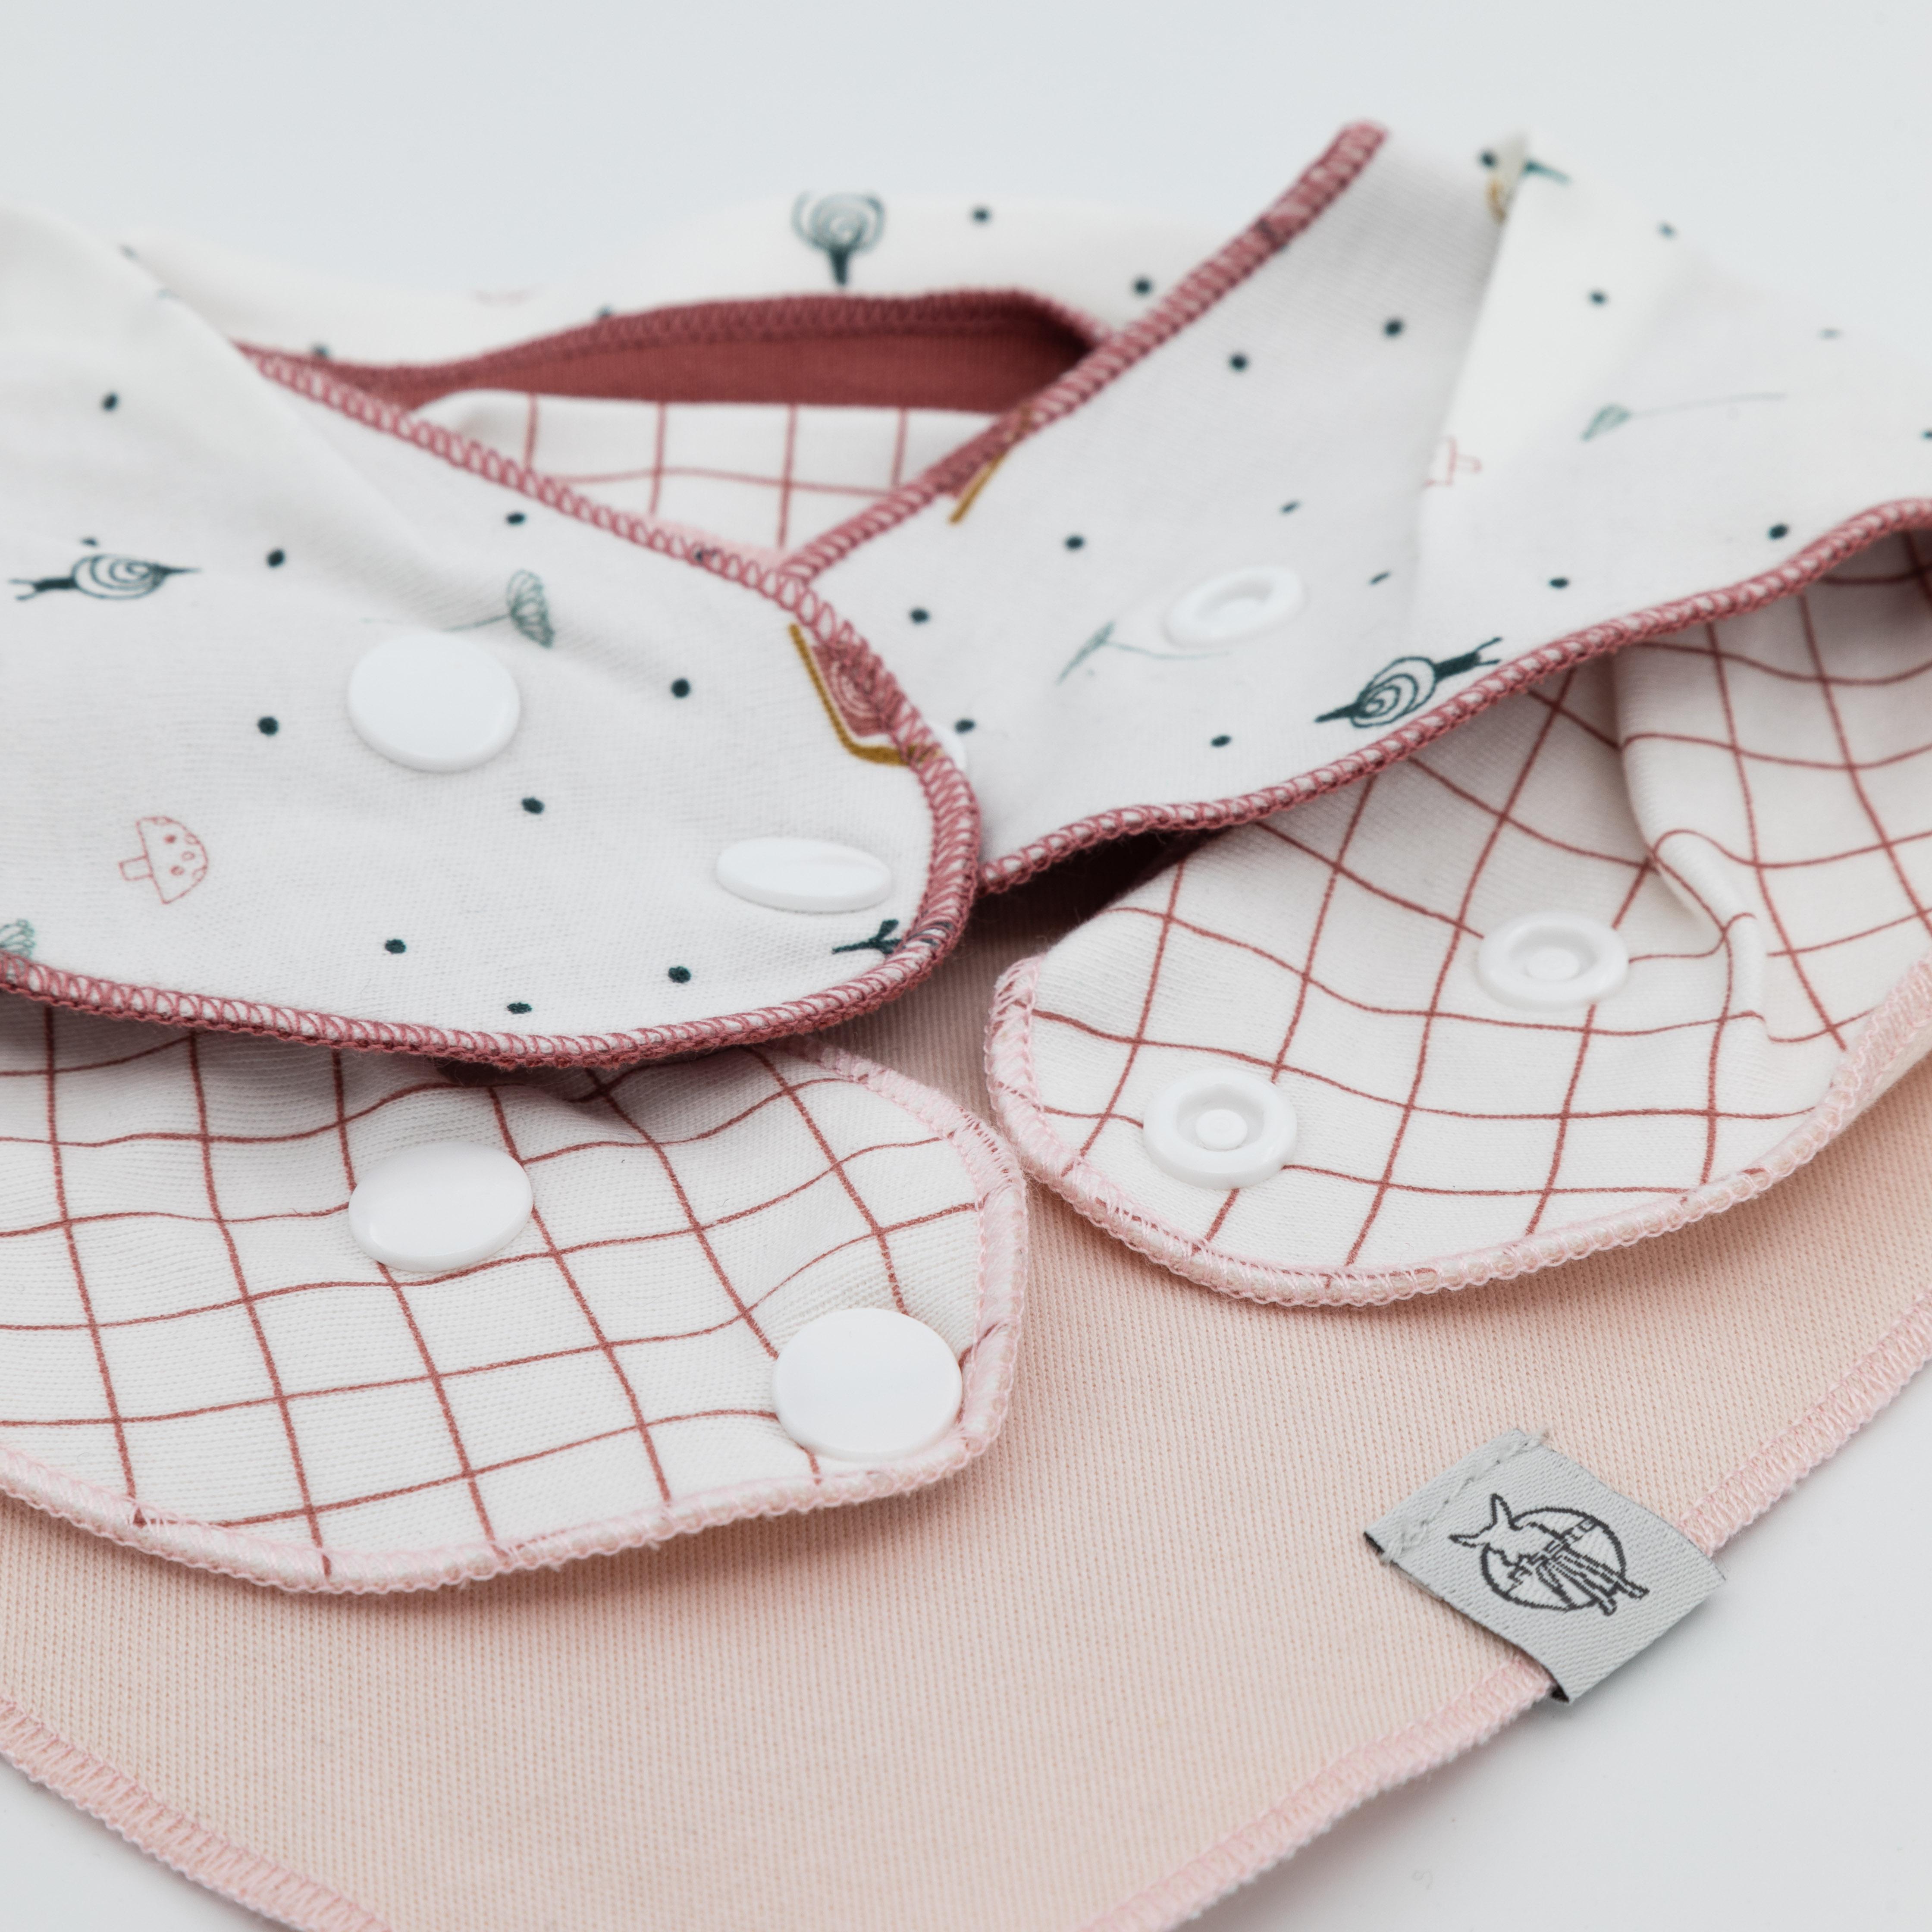 Details Verschlussknöpfe von Dreieckstüchern in Rottönen.